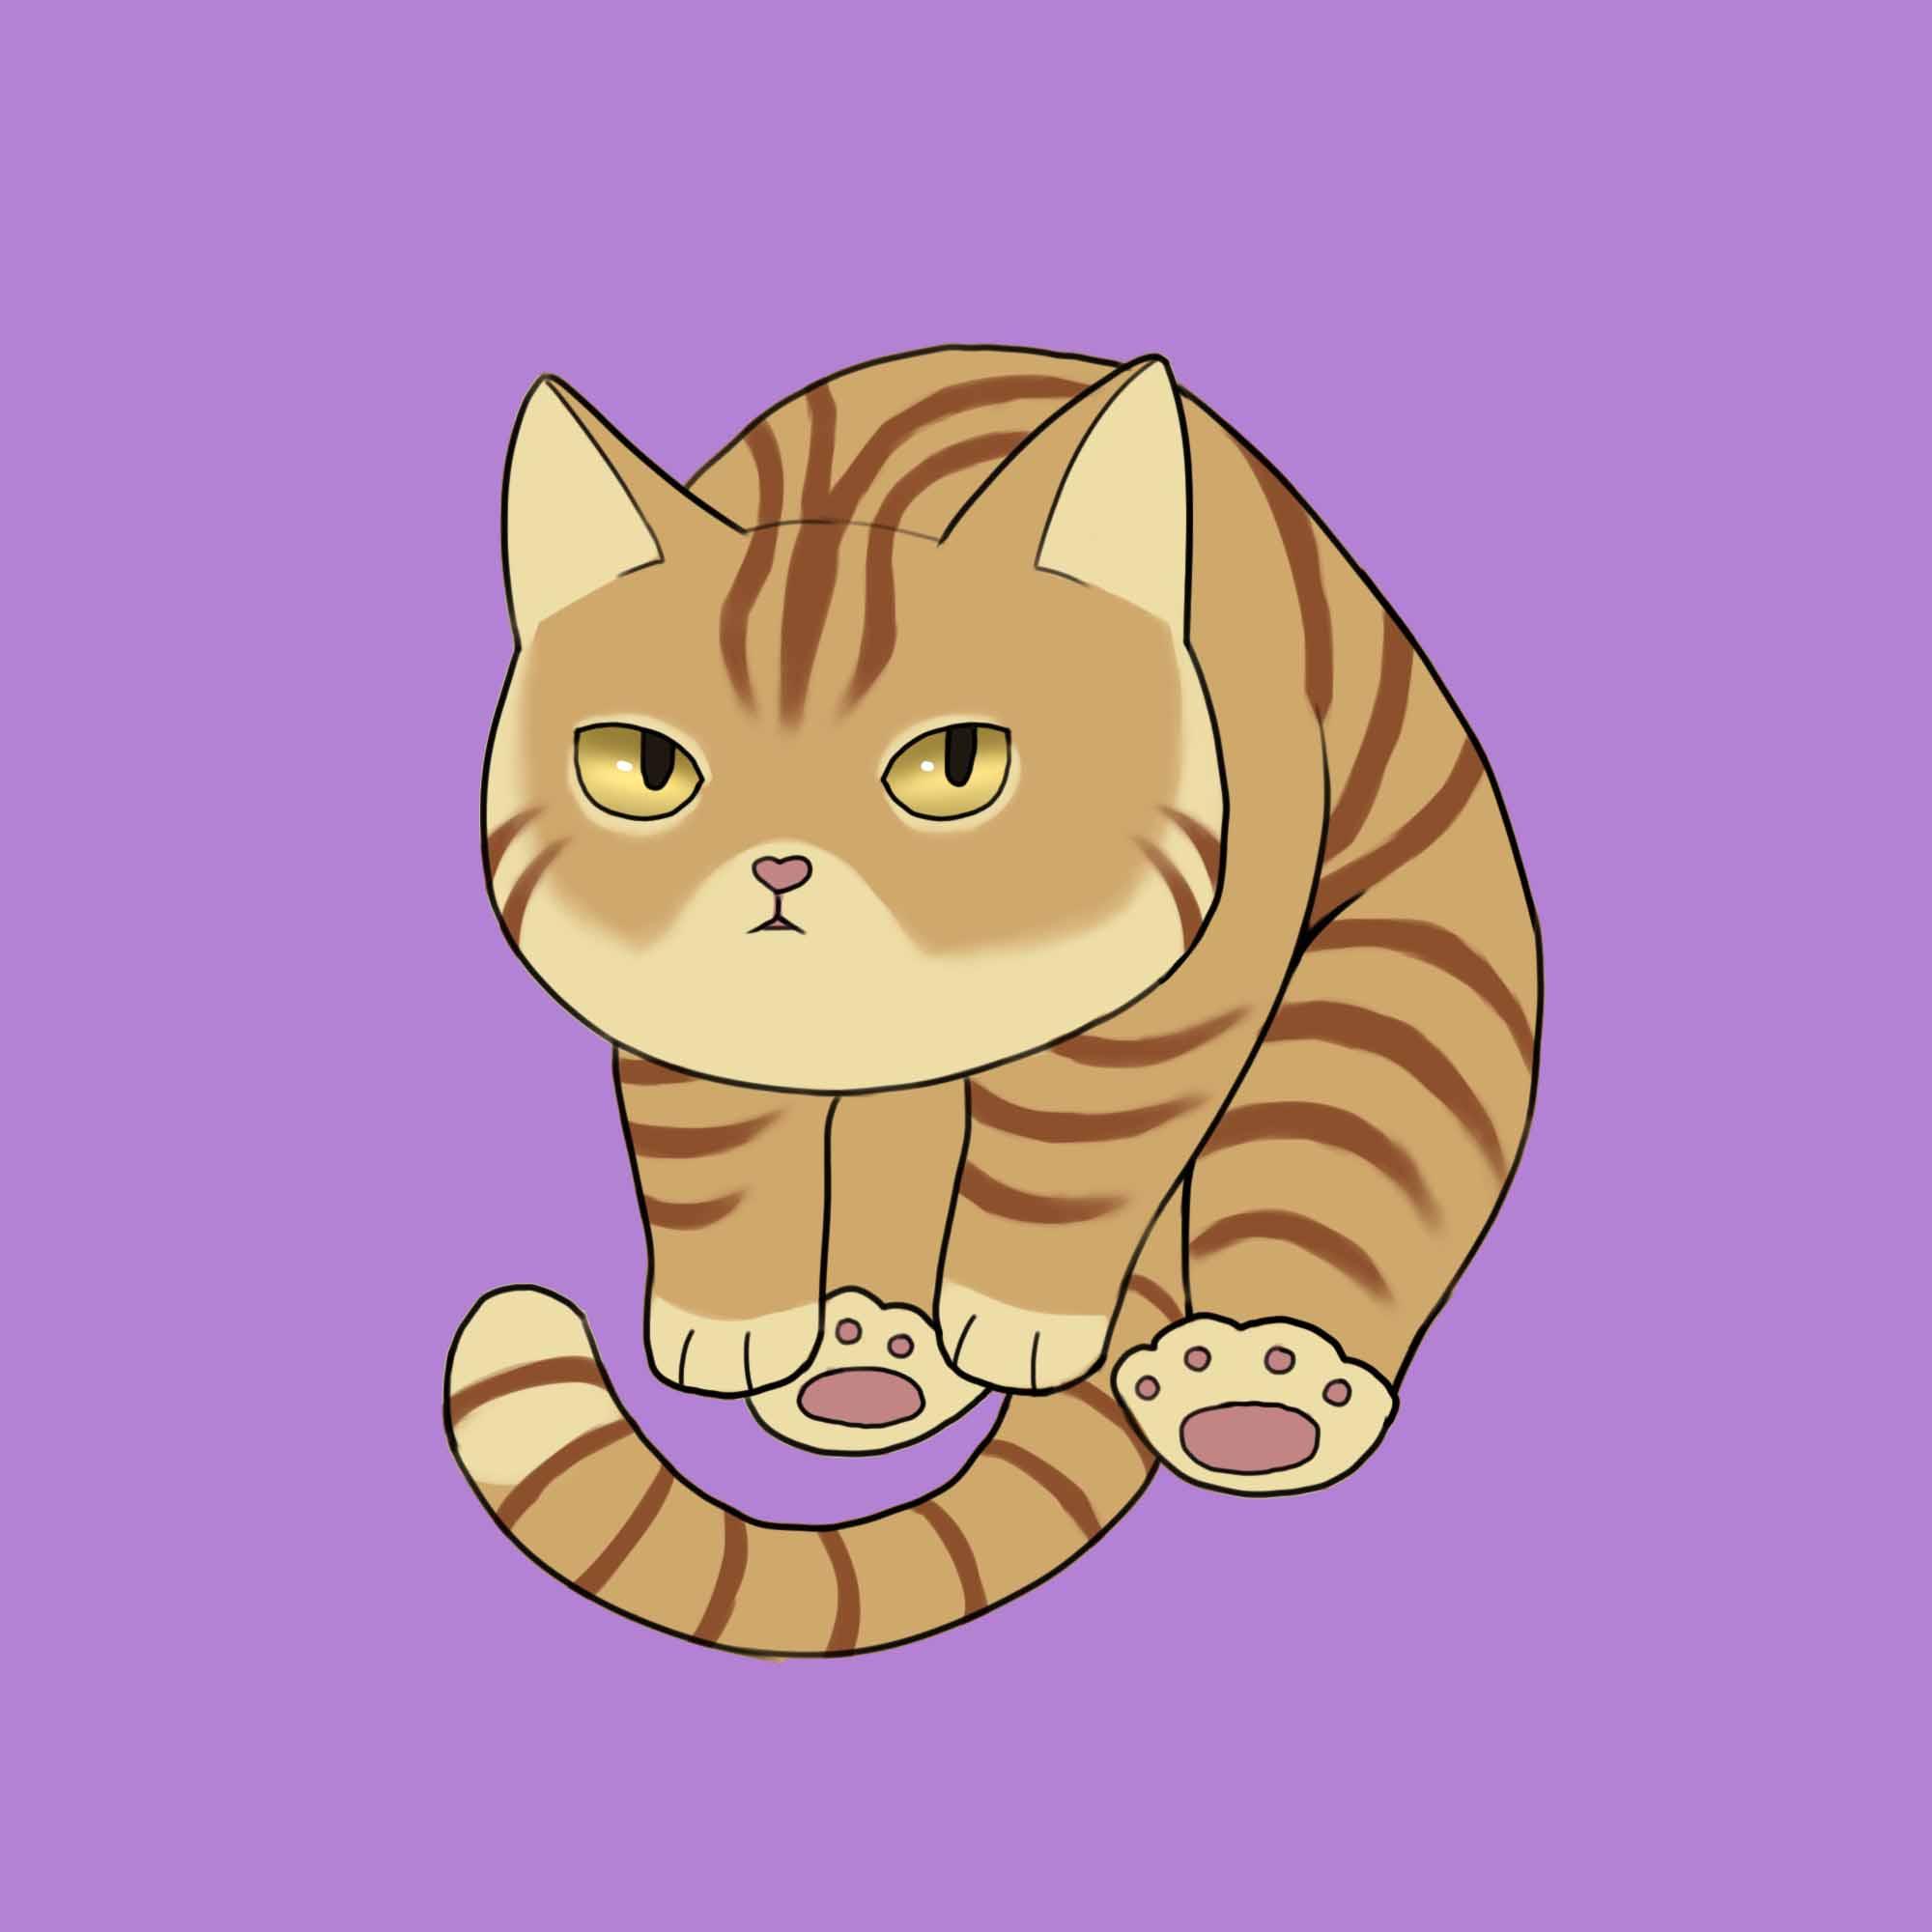 《小猫咪能有什么坏心眼》剧本杀资料_故事背景_角色简介_玩家点评_复盘解析